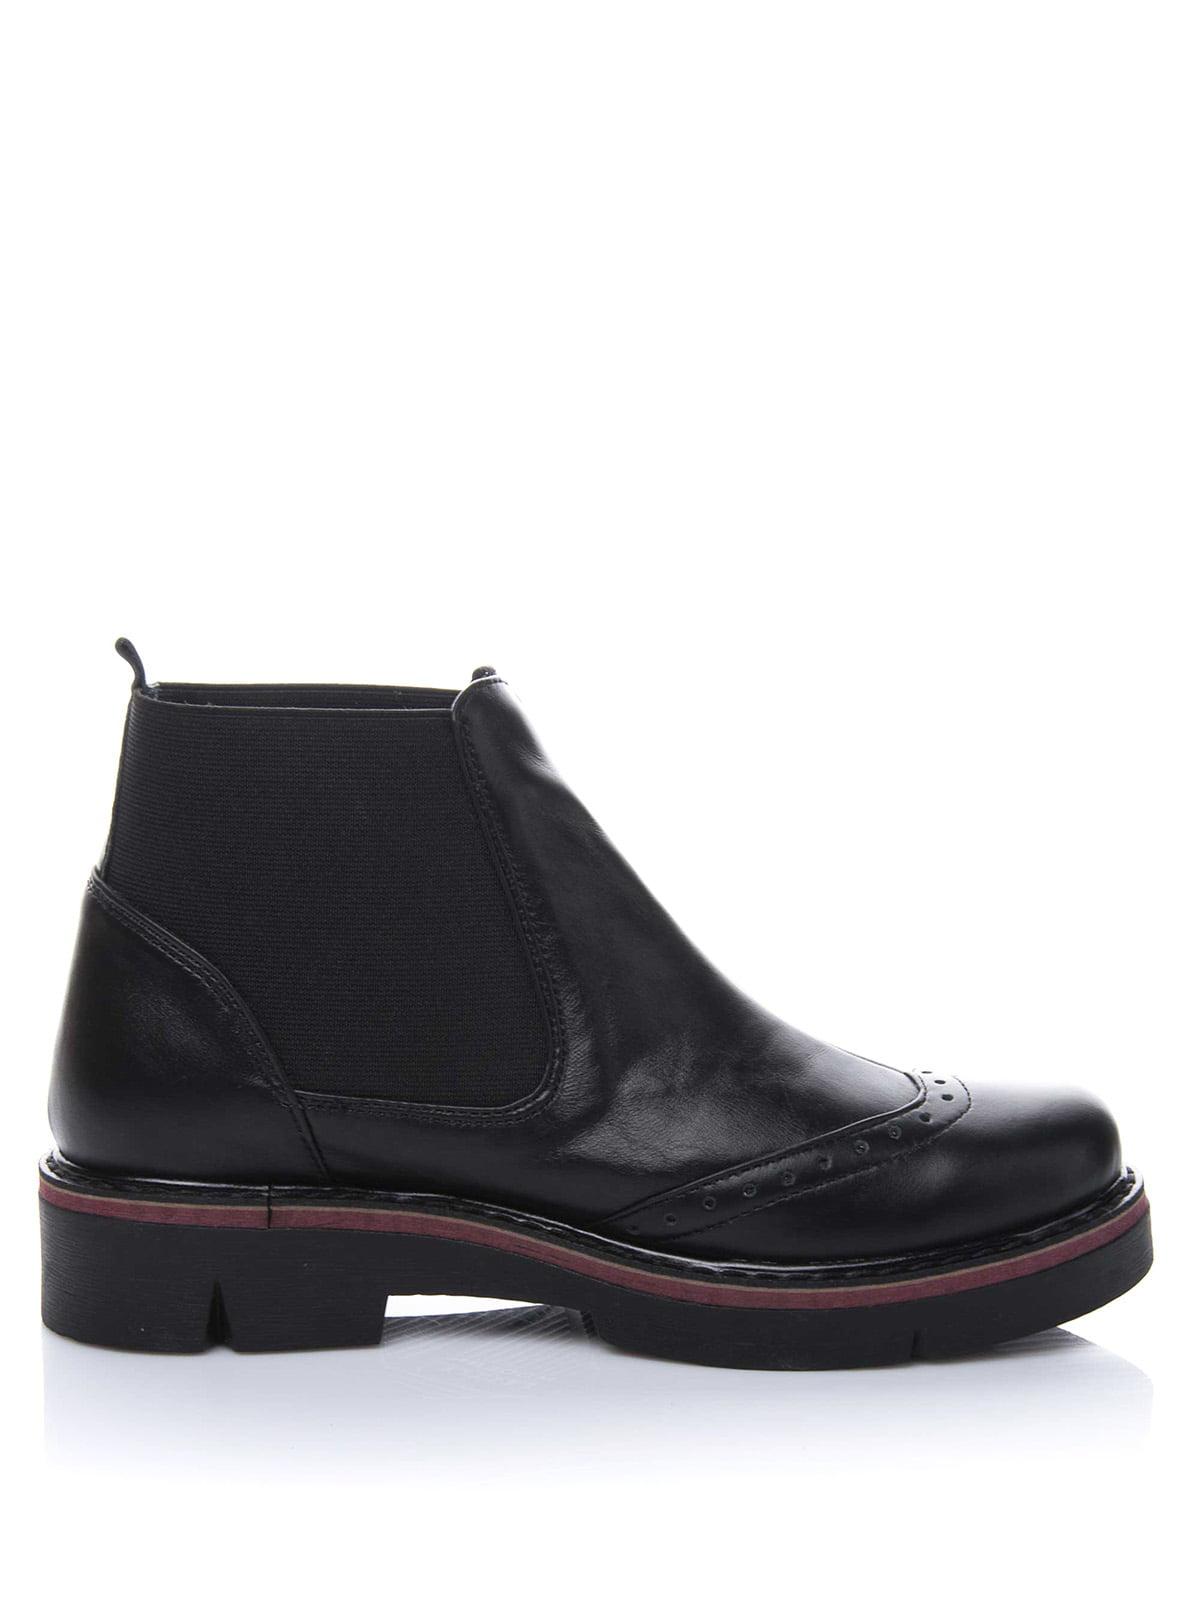 Ботинки черные | 3656744 | фото 4